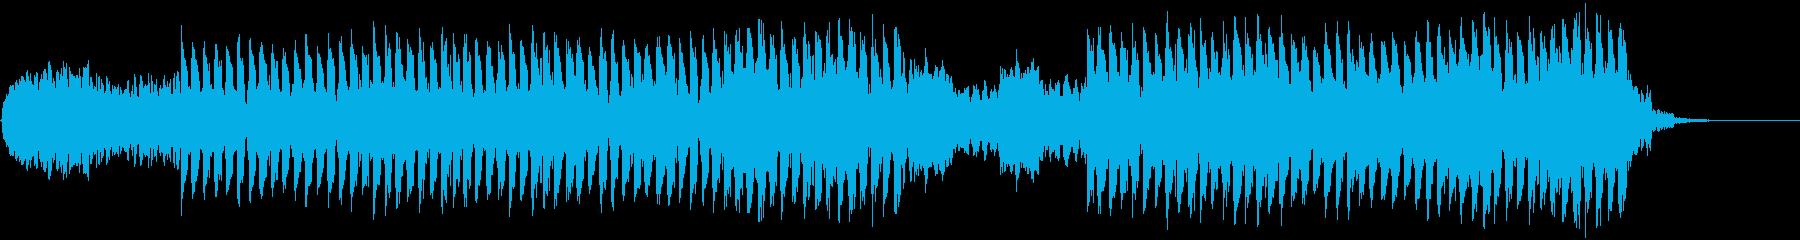 おしゃれ・モダン・EDM3の再生済みの波形